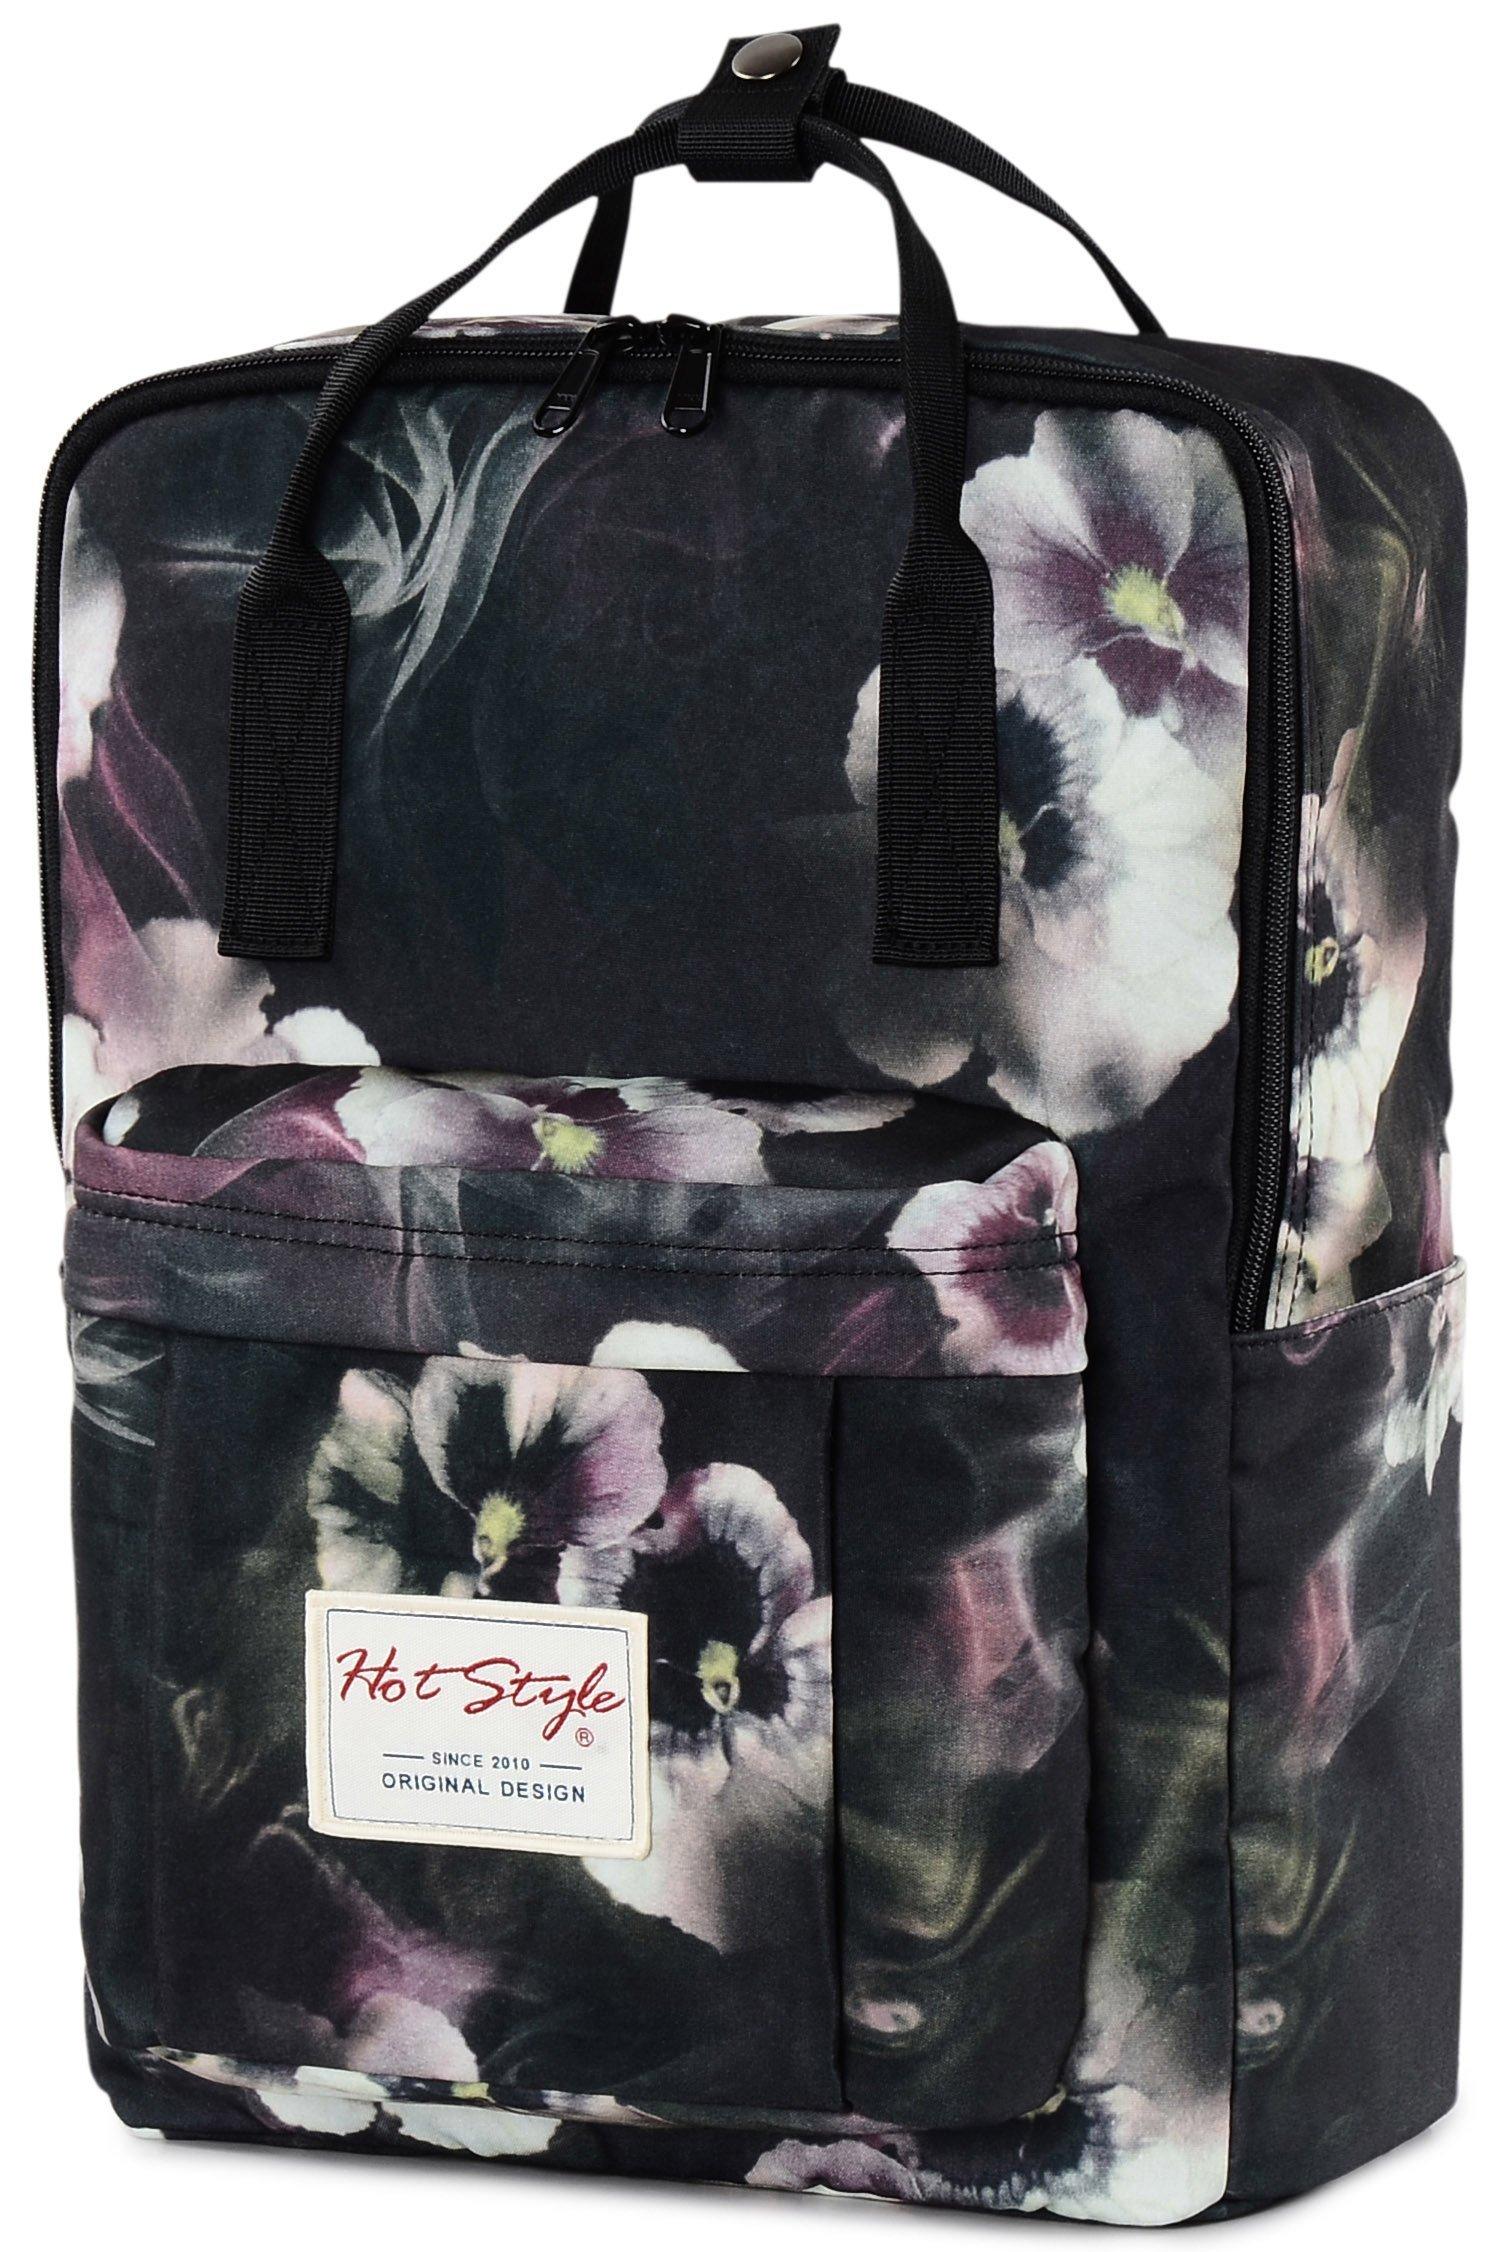 Bestie Mochila Magnolia Colegio Mujer para Notebook 14-Inch (37x26x13cm), Flores,